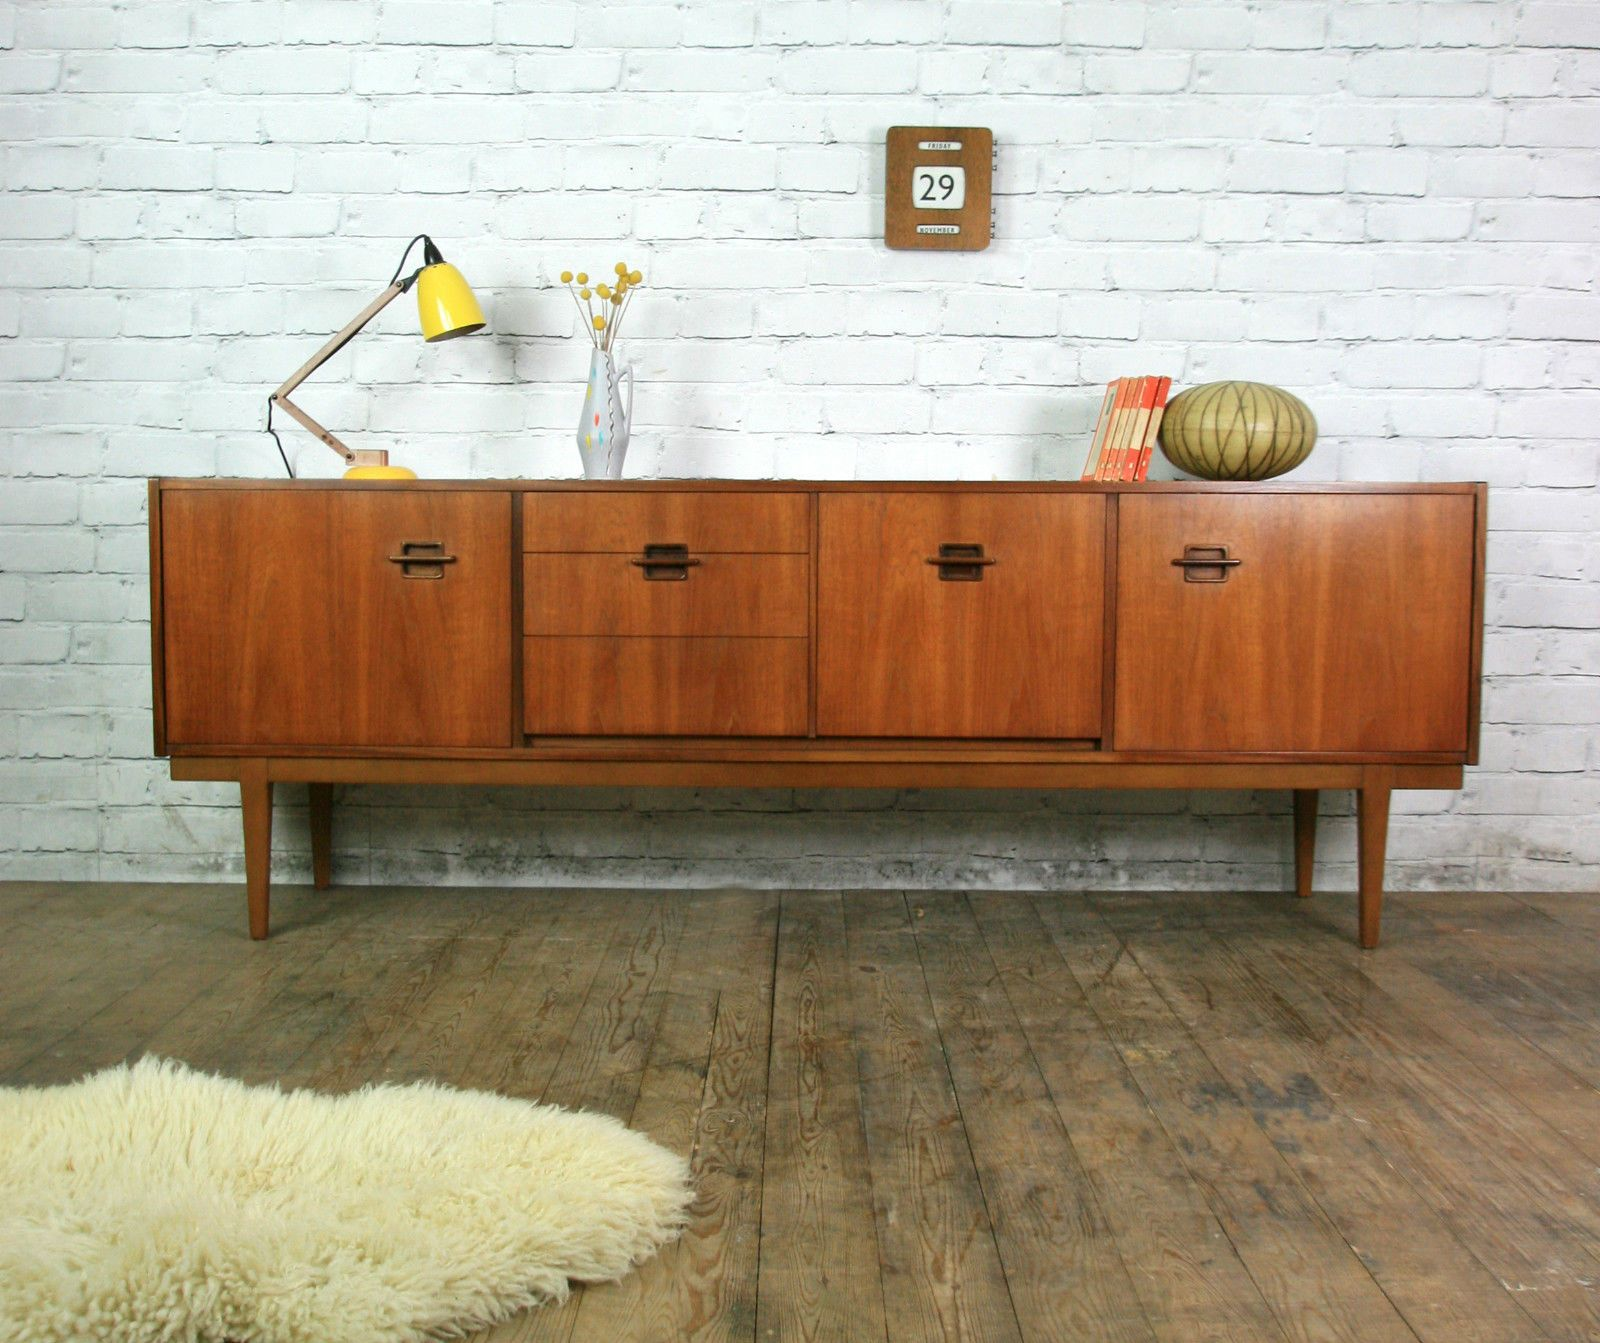 Nathan Corinthian Retro Vintage Teak Mid Century Sideboard Eames Era 1950s 60s Ebay 60s Retro Furniture Retro Furniture Furniture For Small Spaces